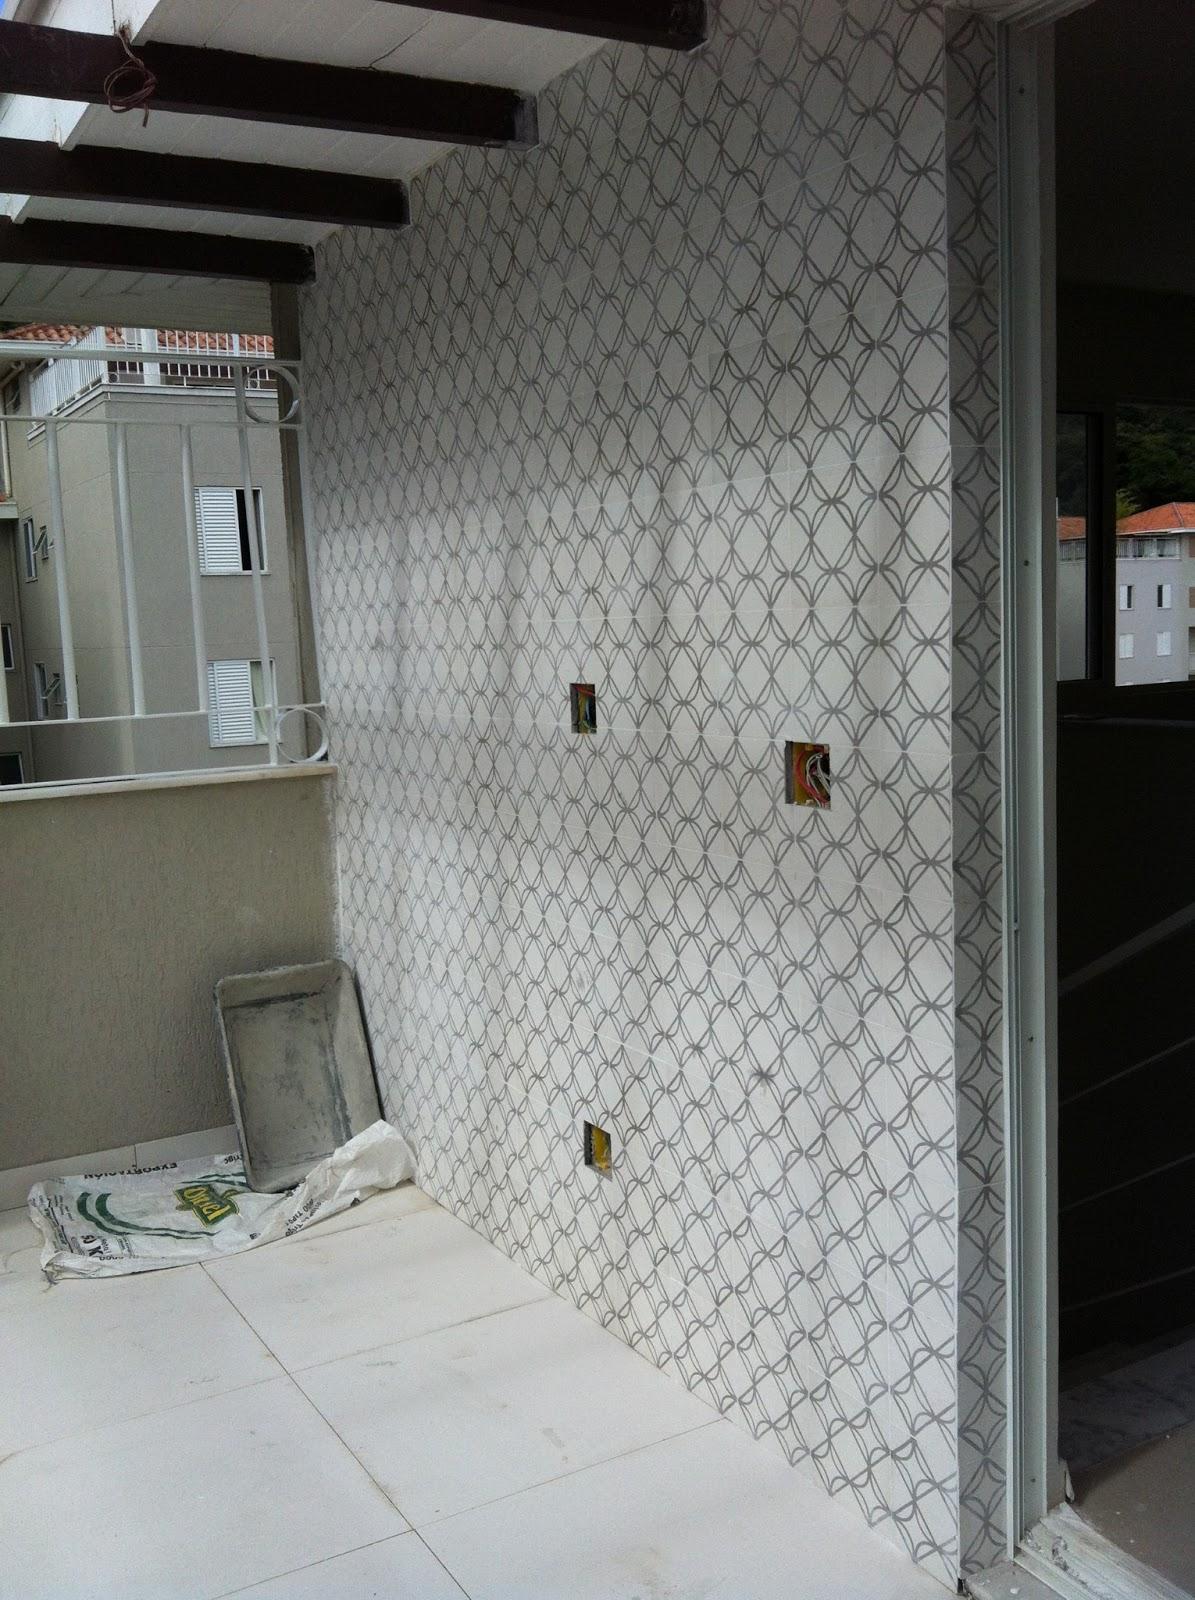 Nessa parede utilizei ladrilho hidráulico em tons de cinza e branco  #5A4F48 1195x1600 Banheiro Com Porcelanato Concreto